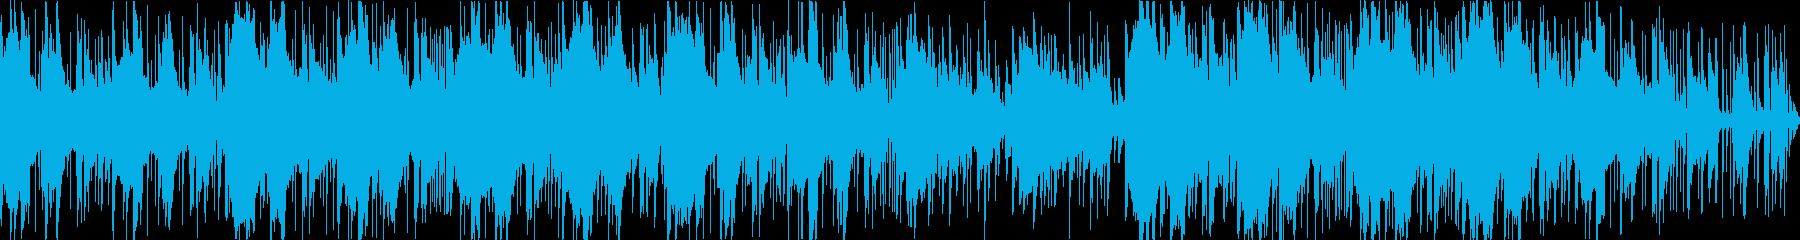 インドの楽器を使ったBGMですの再生済みの波形